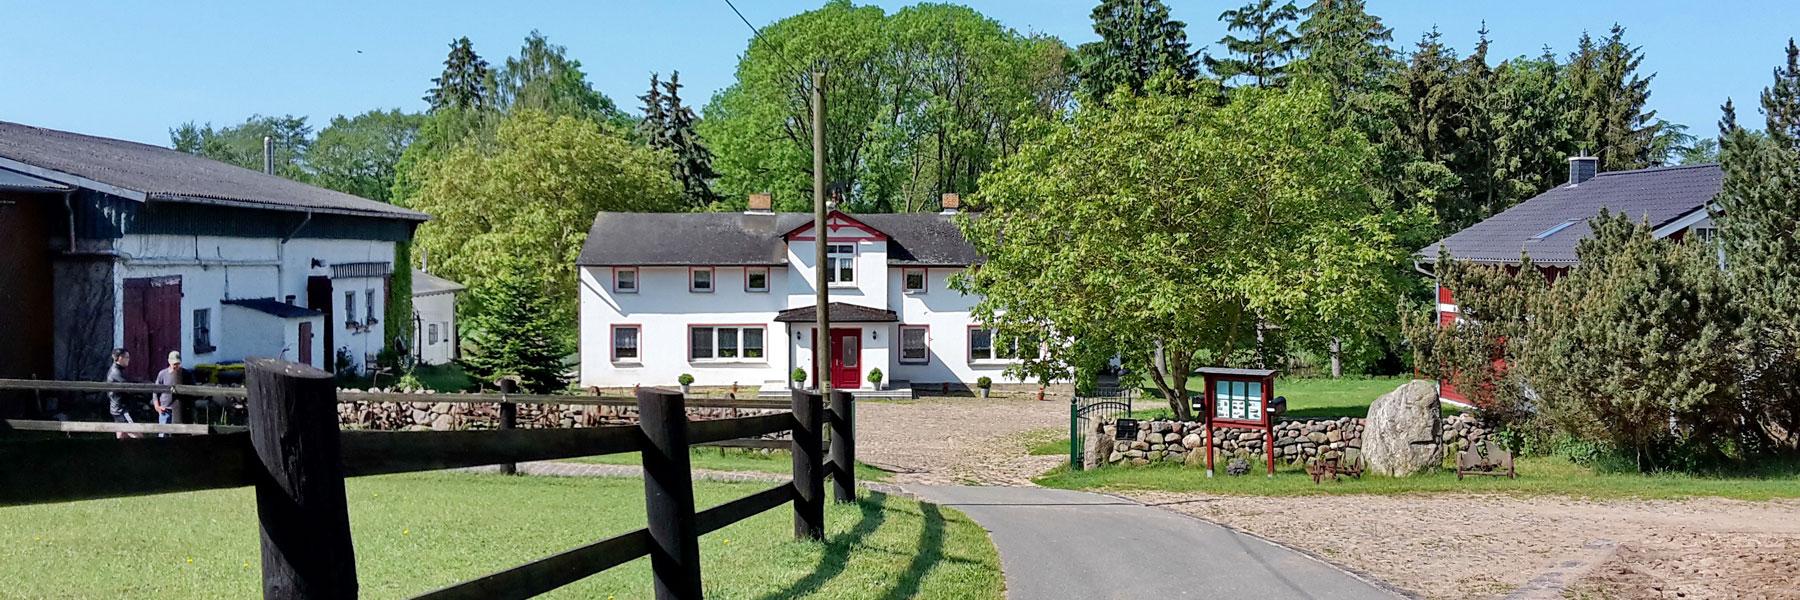 Hofansicht - Ferien- und Bauernhof Diederichs